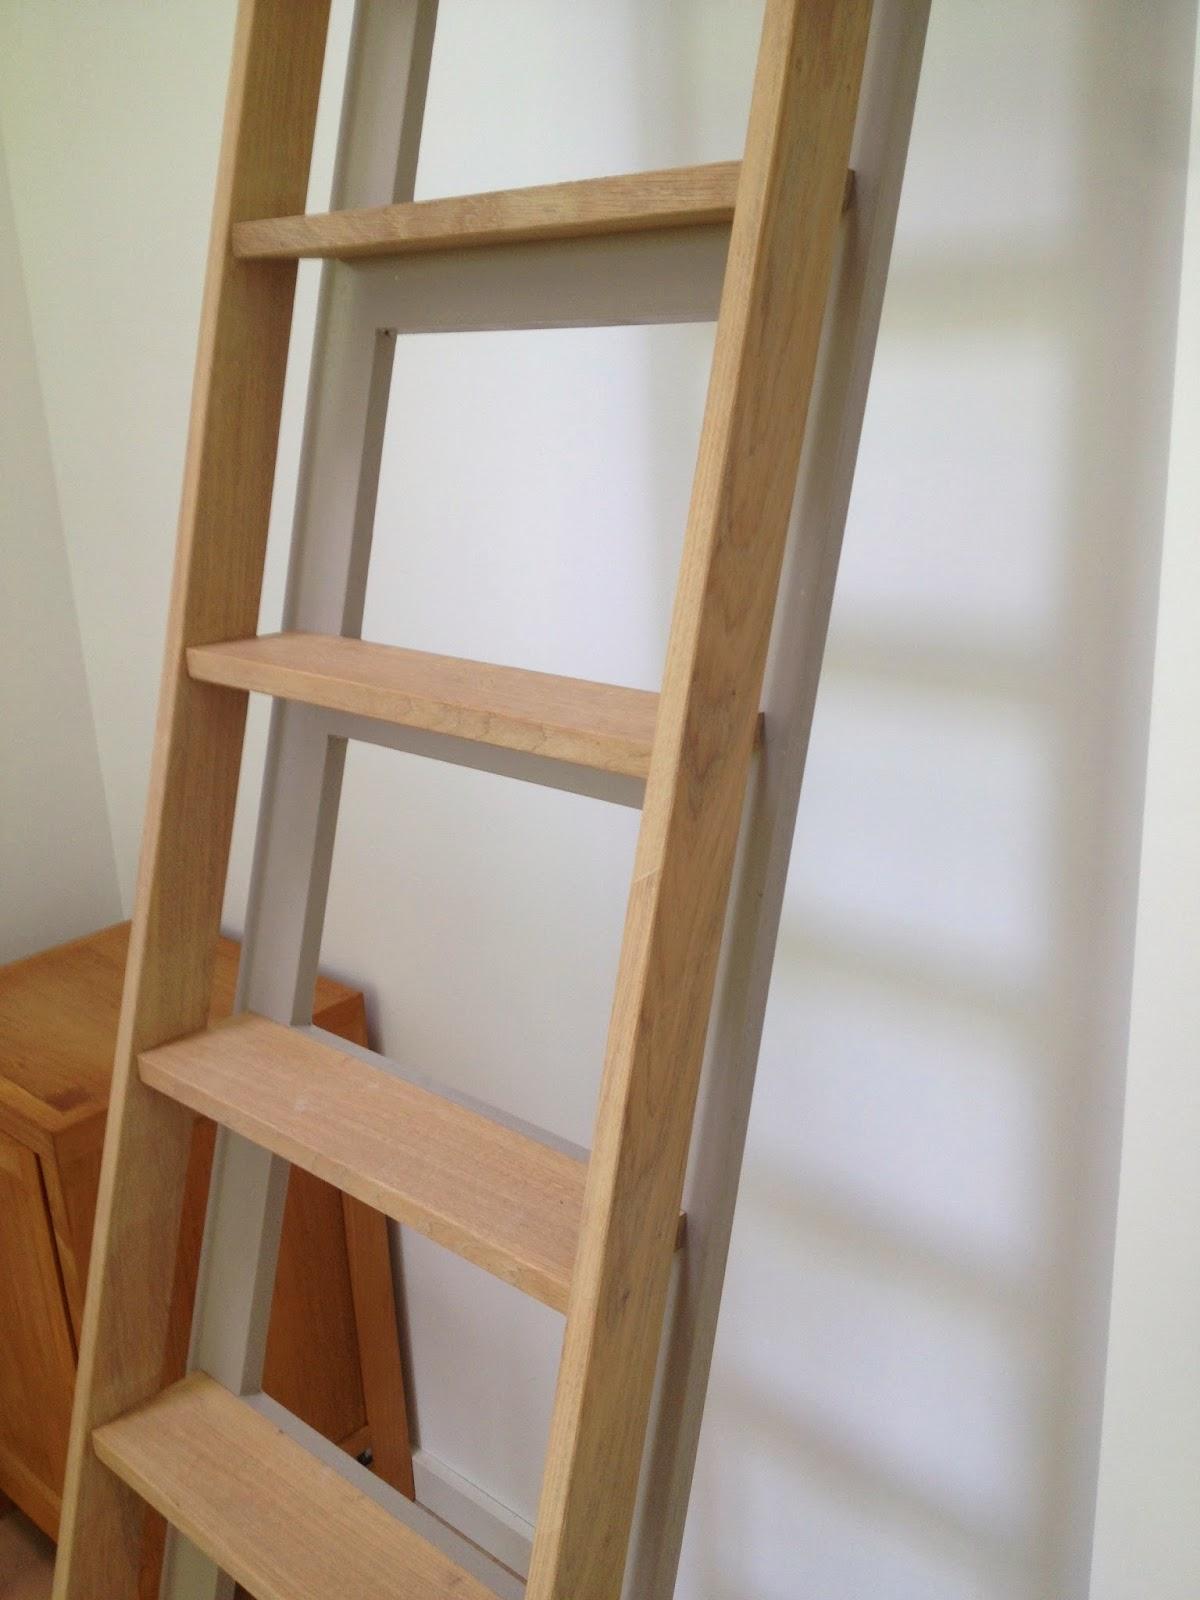 Fabulous Zelf Houten Ladder Maken IK21 | Belbin.Info @YP03